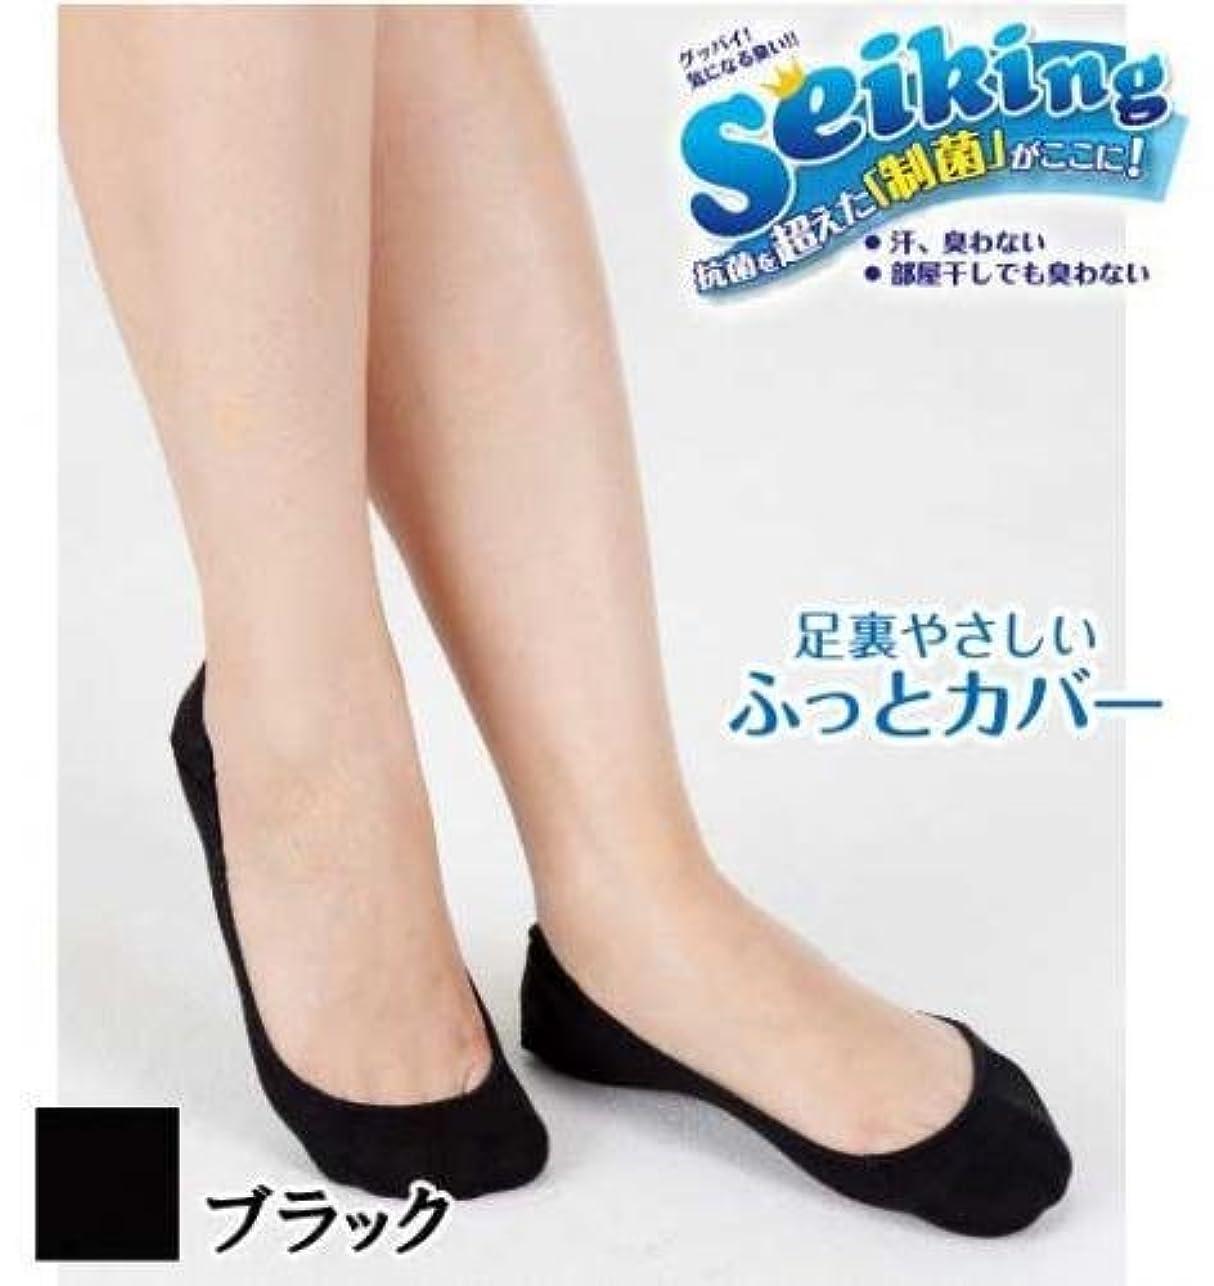 先生発明軸砂山靴下 SEIKING フットカバー 黒